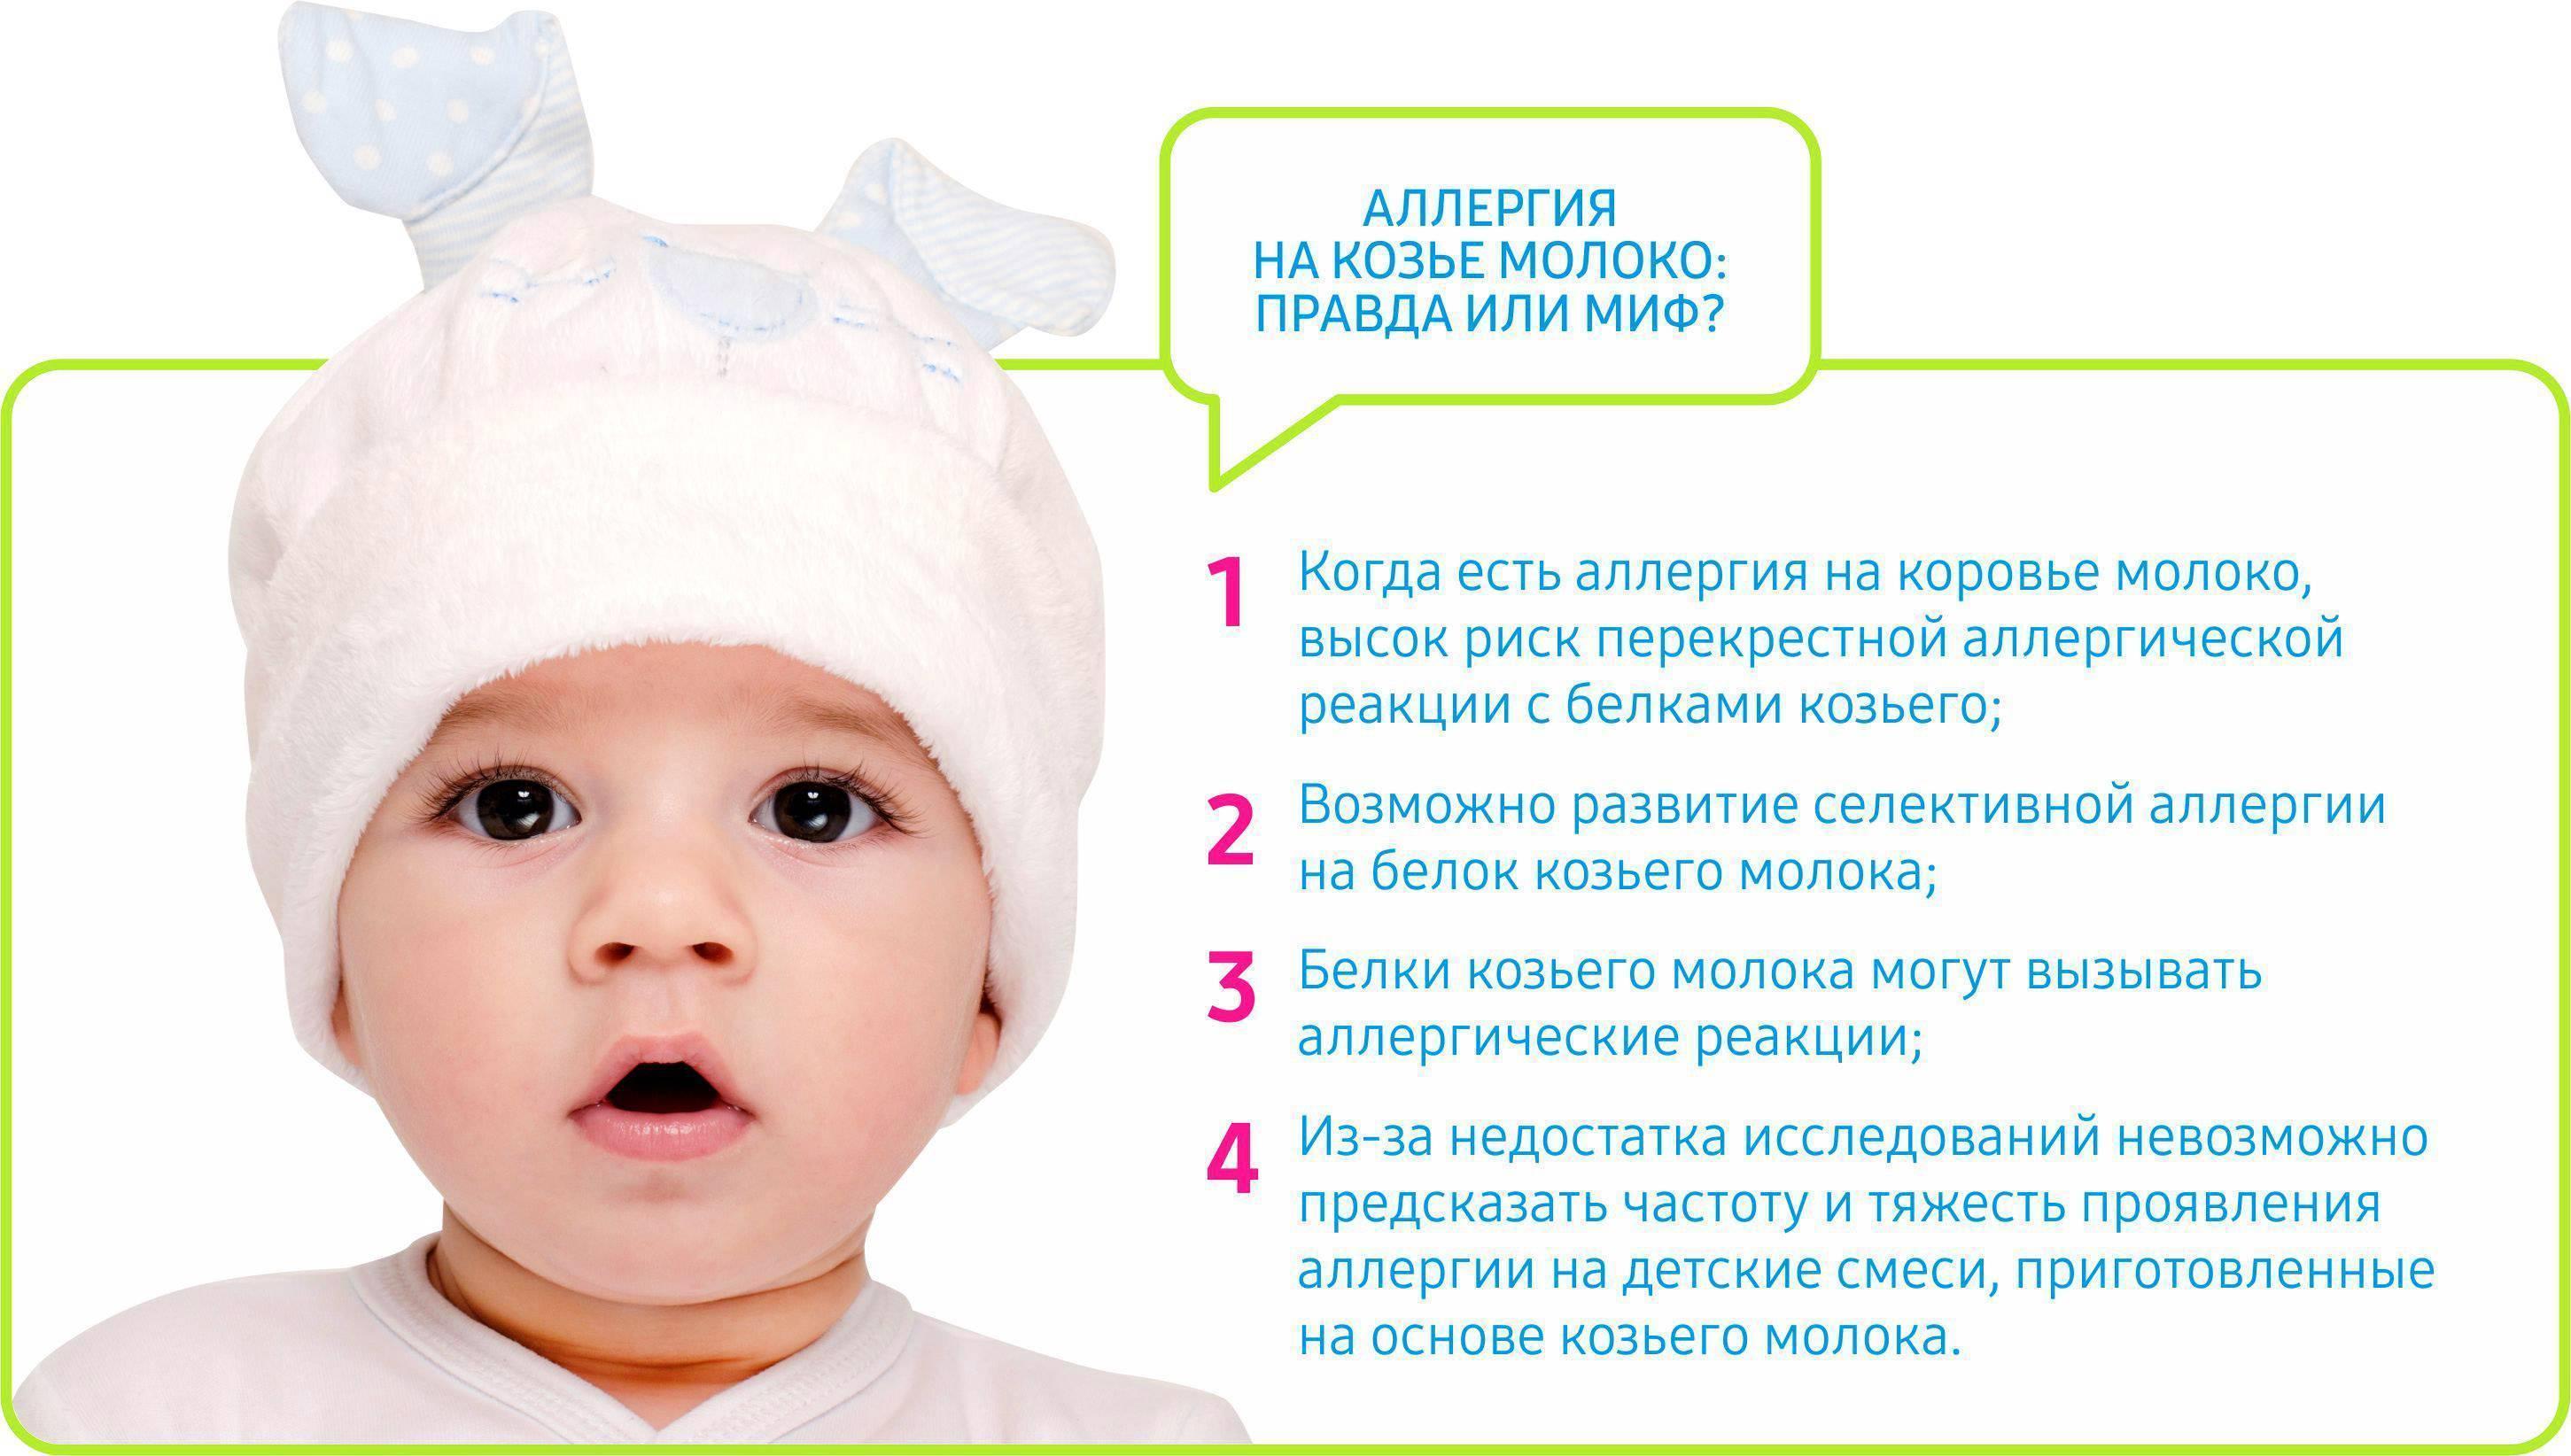 Аллергия у младенца: симптомы, причины, типы